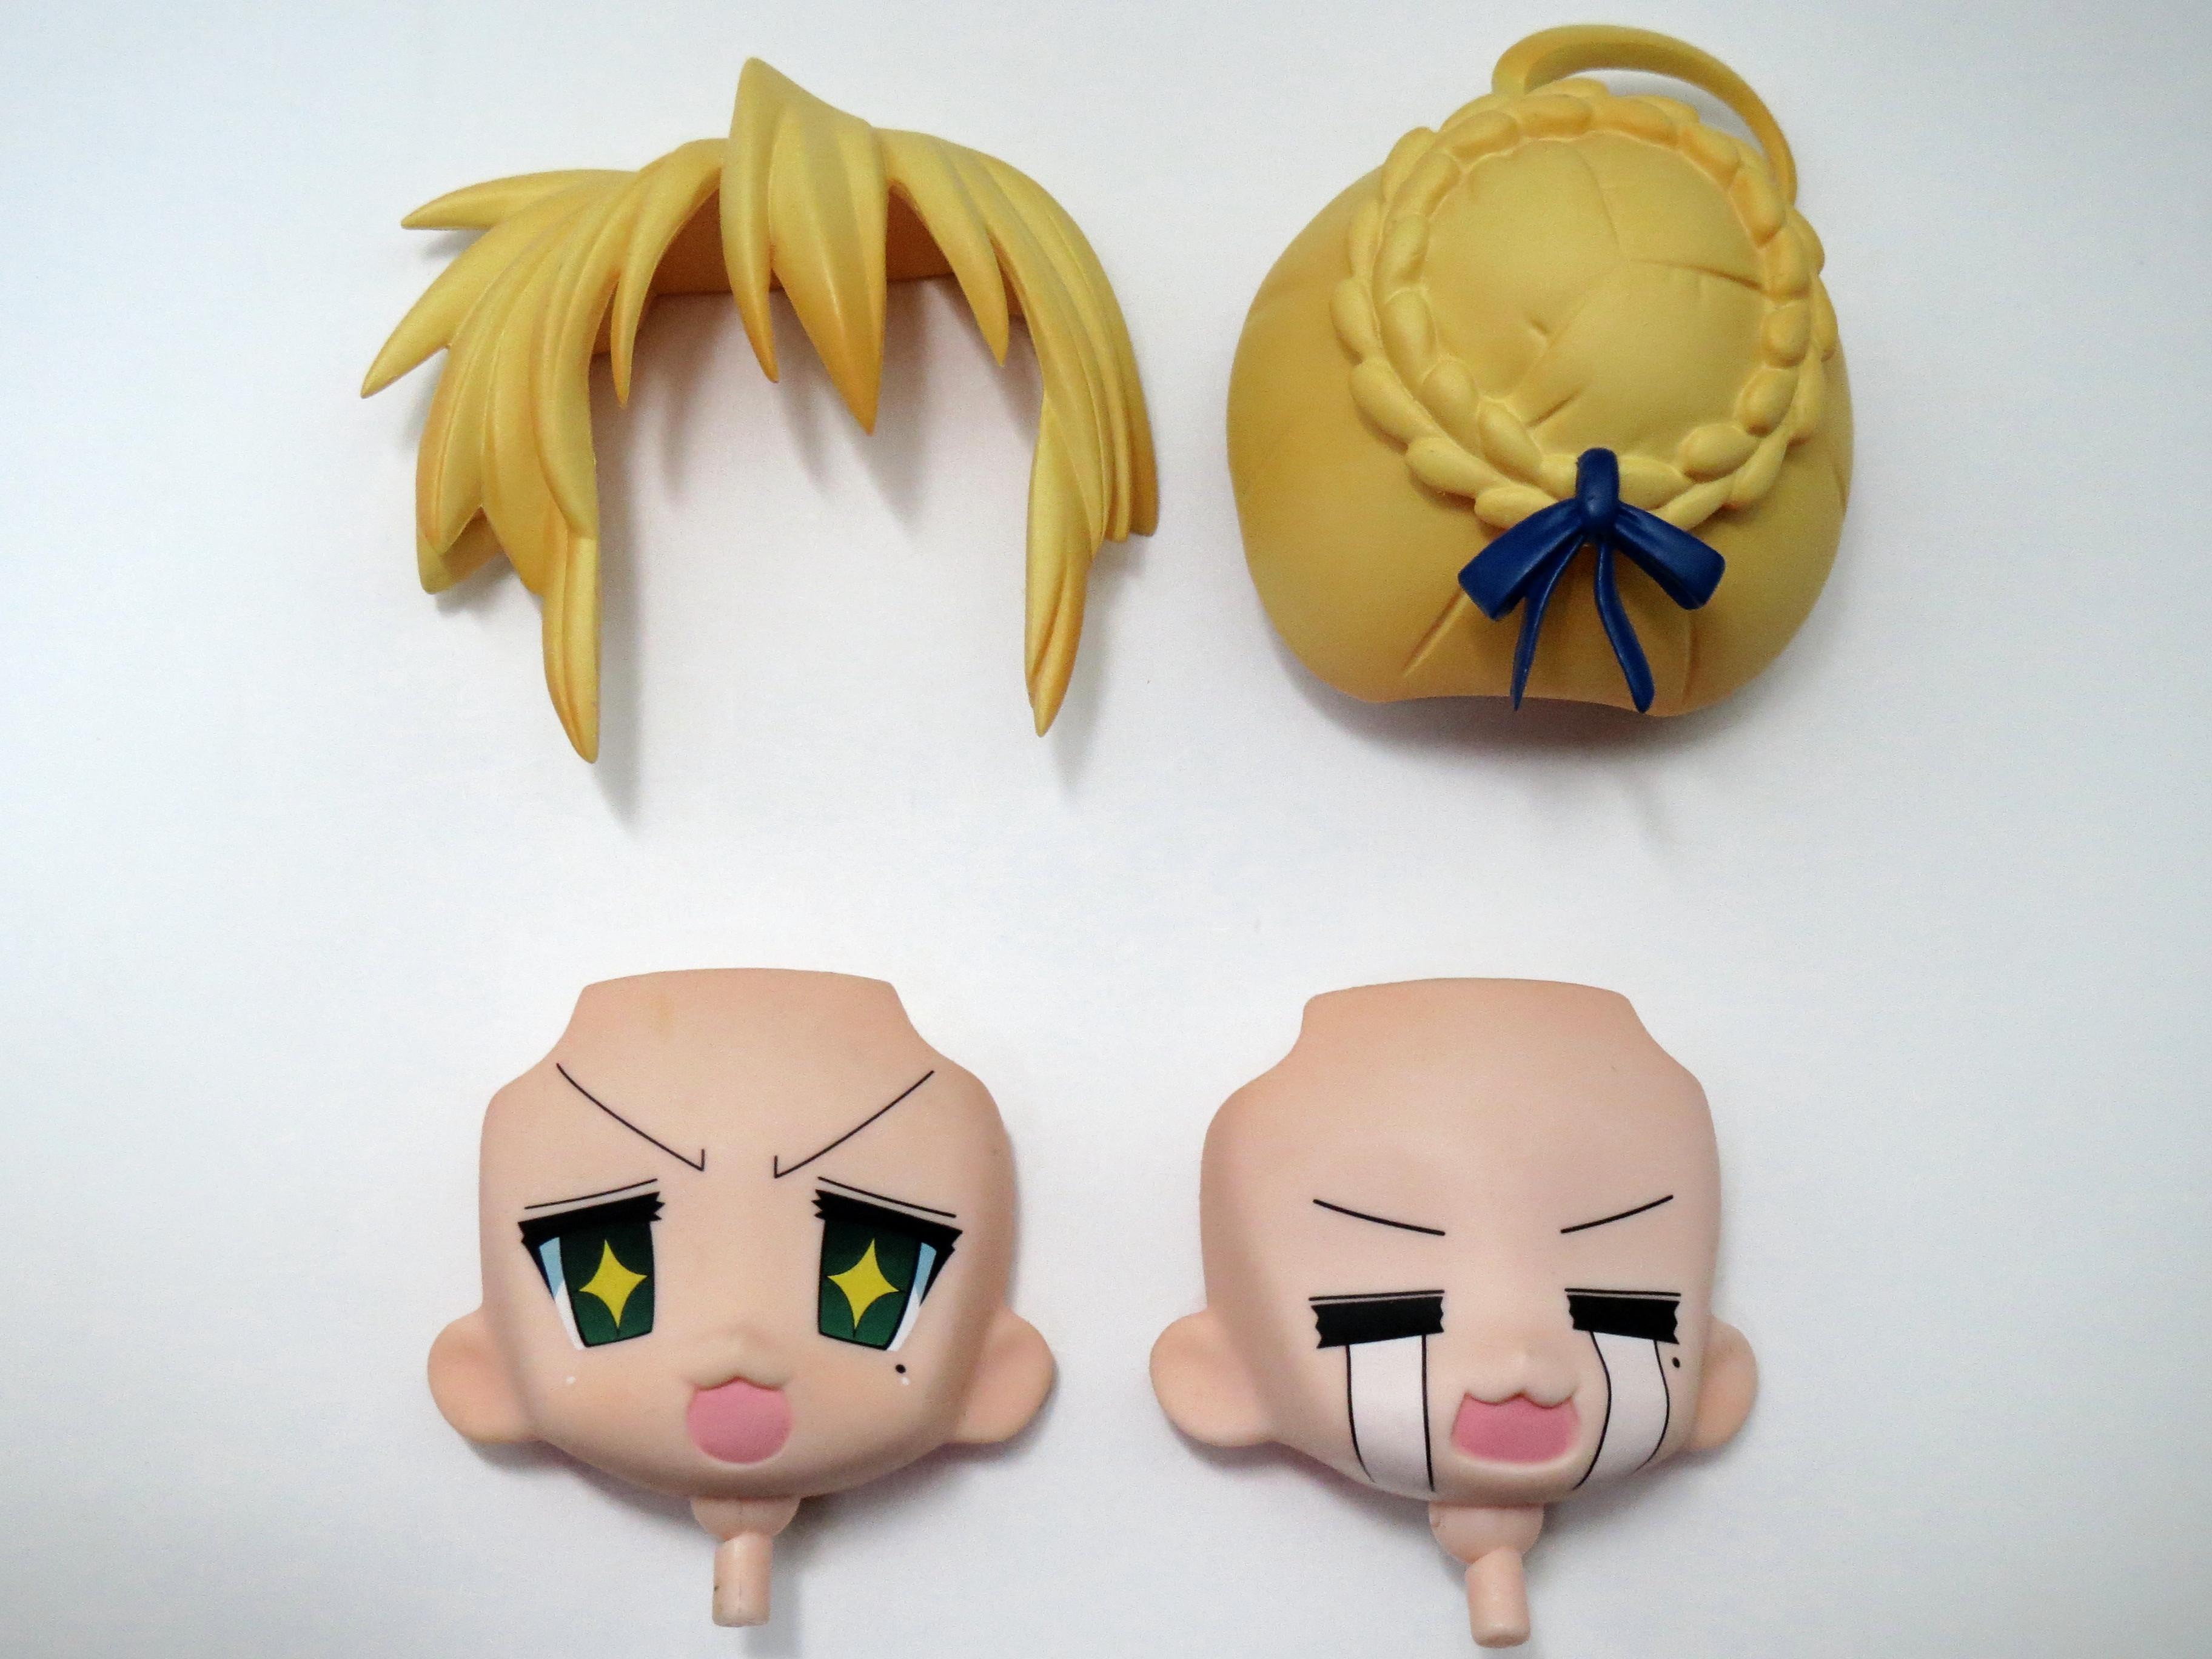 【034】 Fateコスプレ 泉こなた 髪パーツ、顔パーツ2種セット (Bランク) ねんどろいど